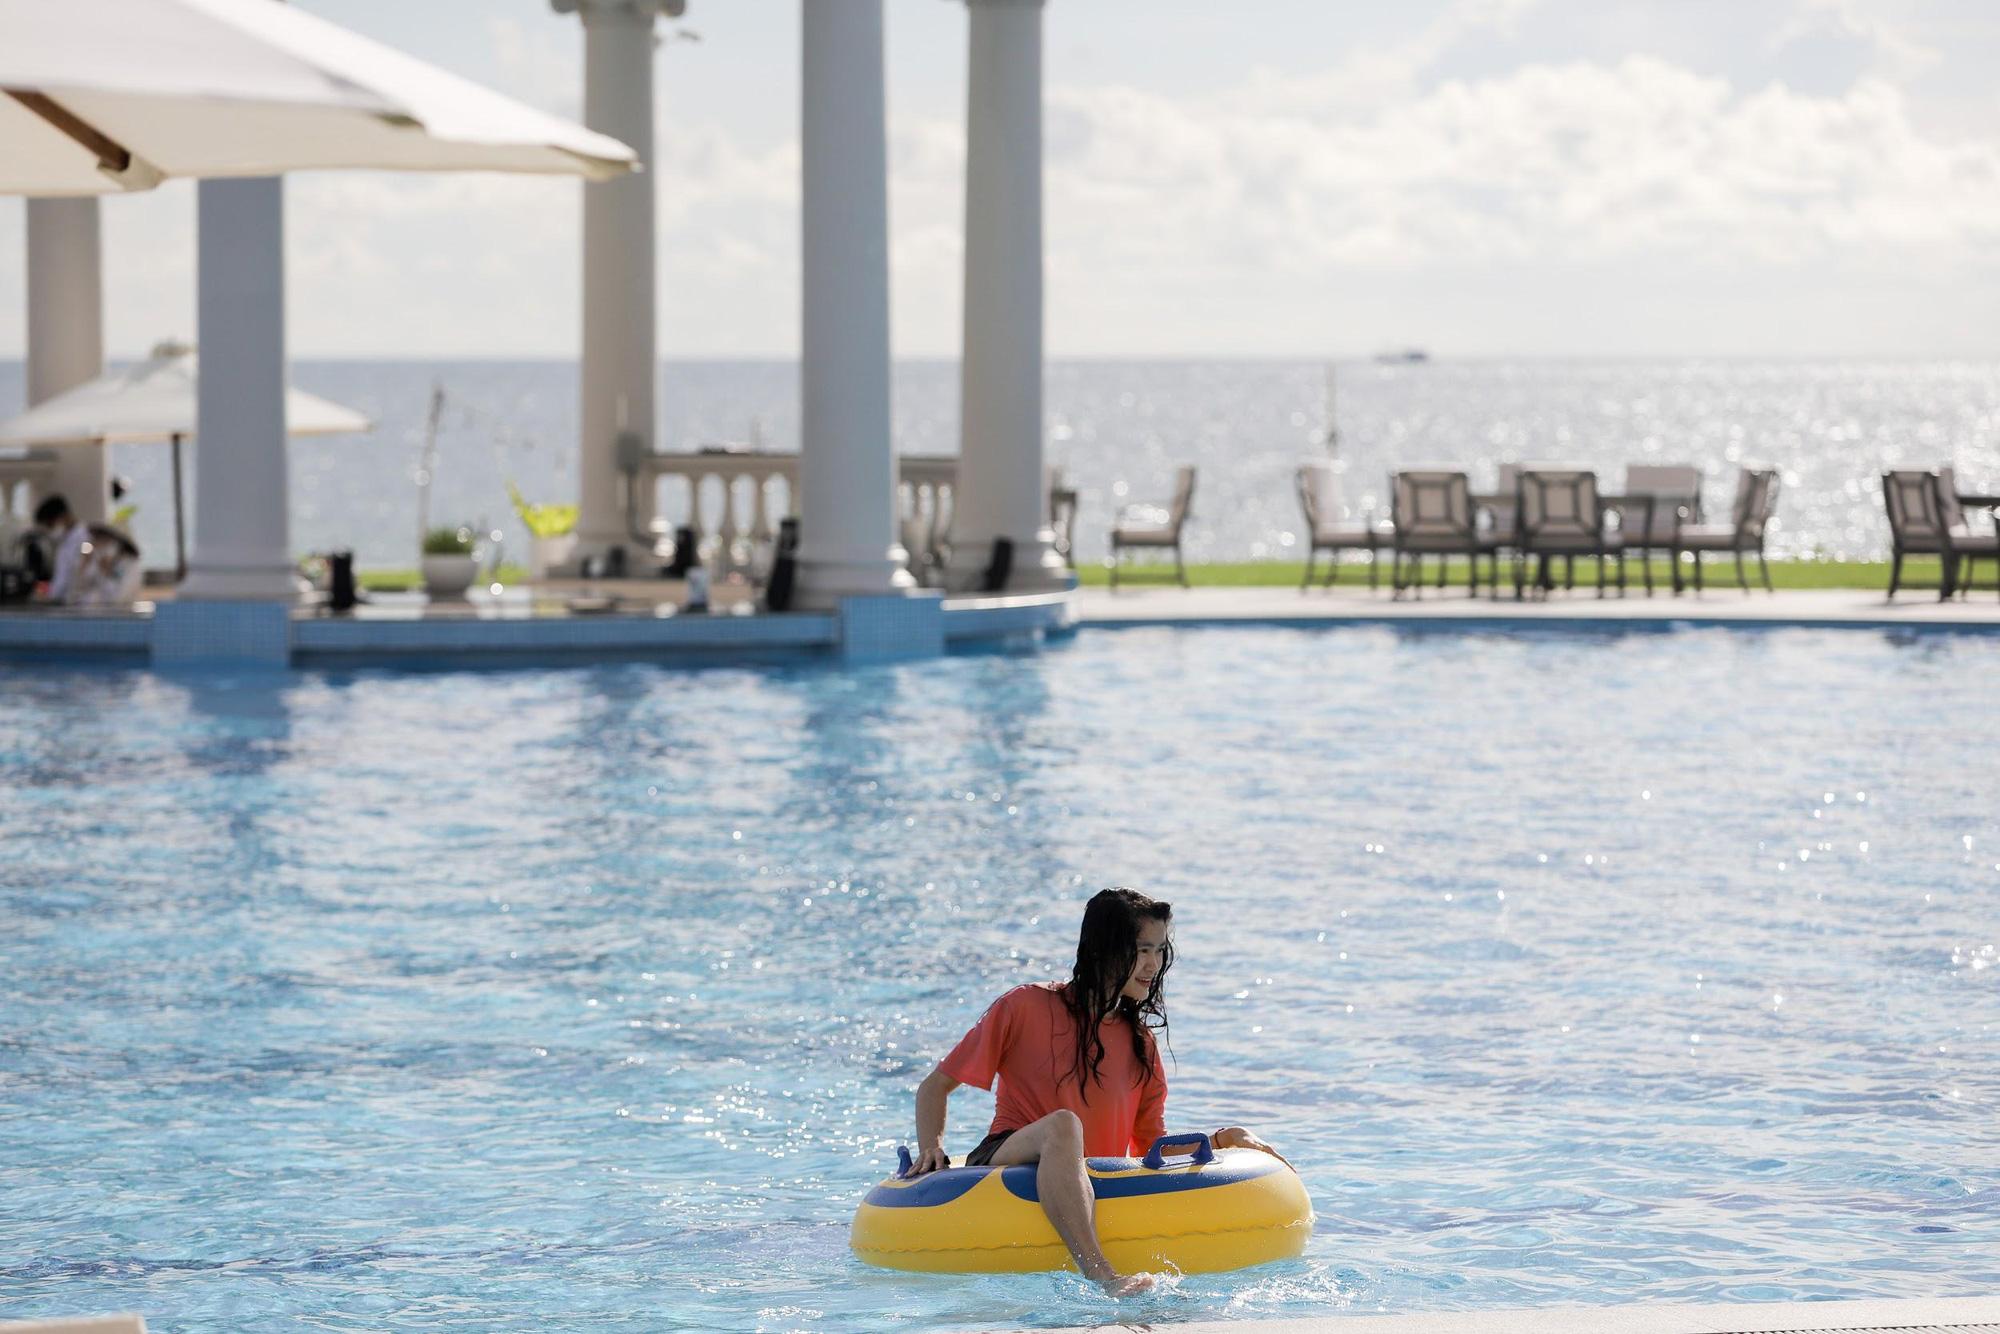 """Bộ ảnh """"chill"""" hết nấc của những người may mắn nhất được nhãn hàng bao trọn gói chuyến du lịch nghỉ dưỡng chanh sả tại resort 5 sao Vinpearl Phú Quốc - Ảnh 8."""